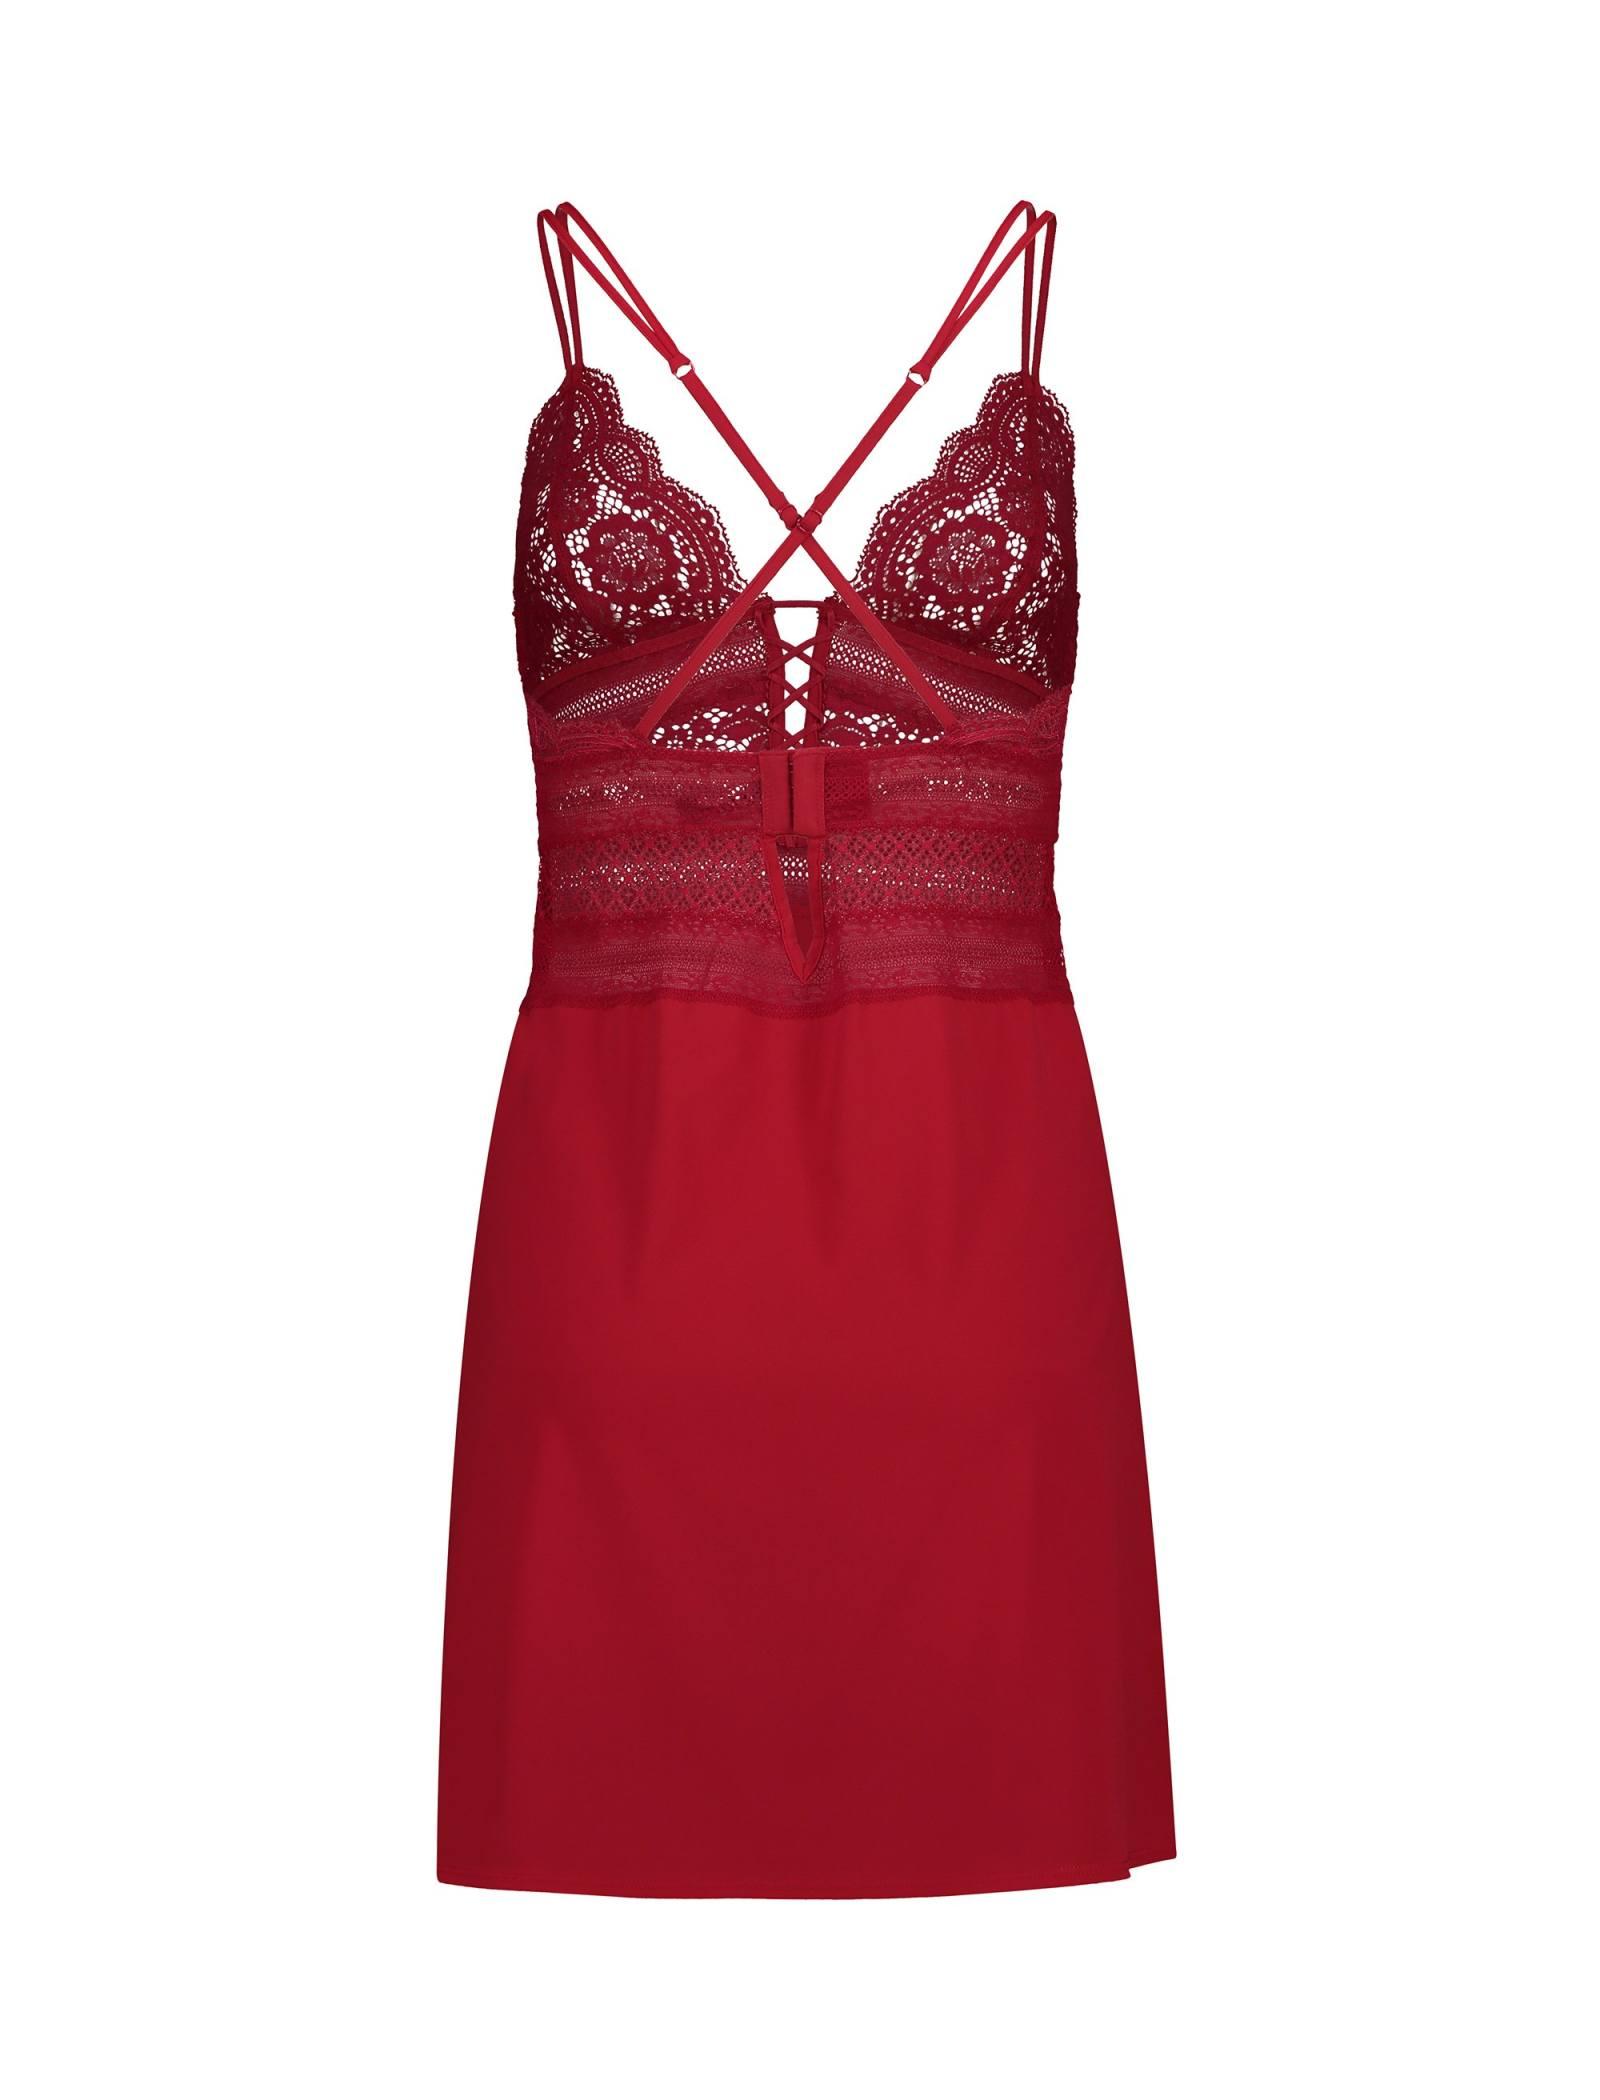 لباس خواب یک تکه زنانه - اتام - قرمز - 2